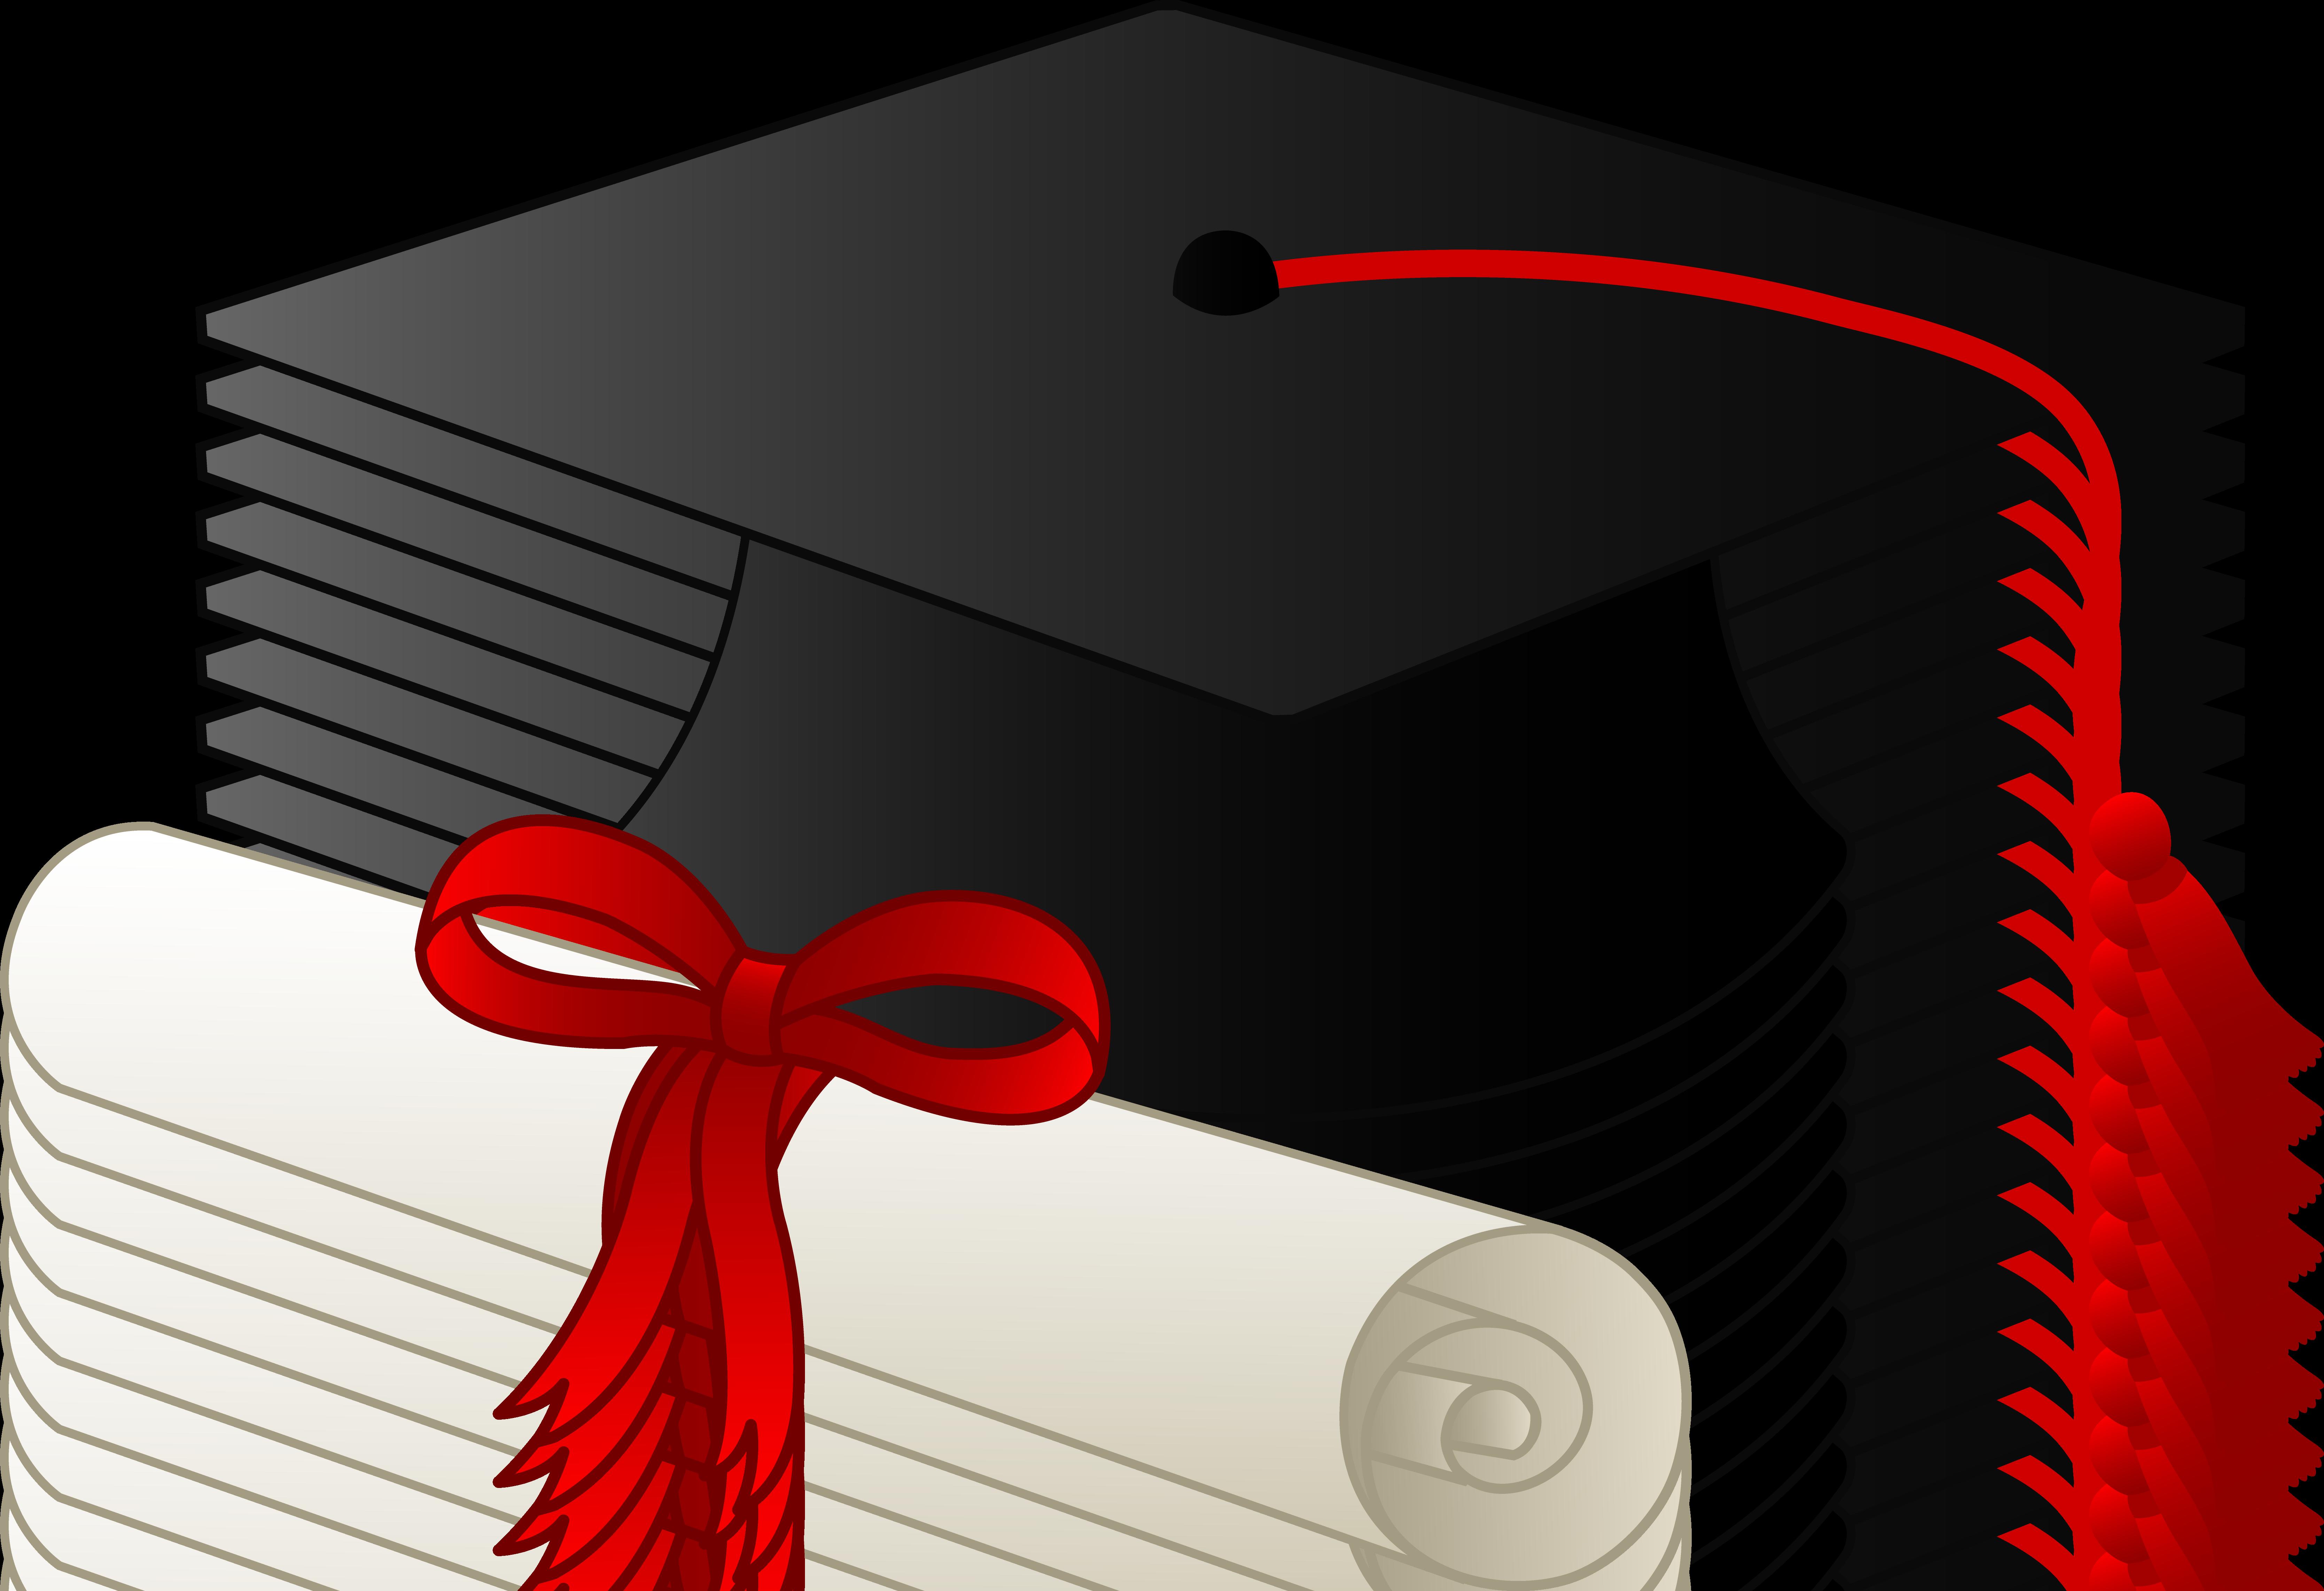 Preschool clipart diploma. Graduation clip art borders